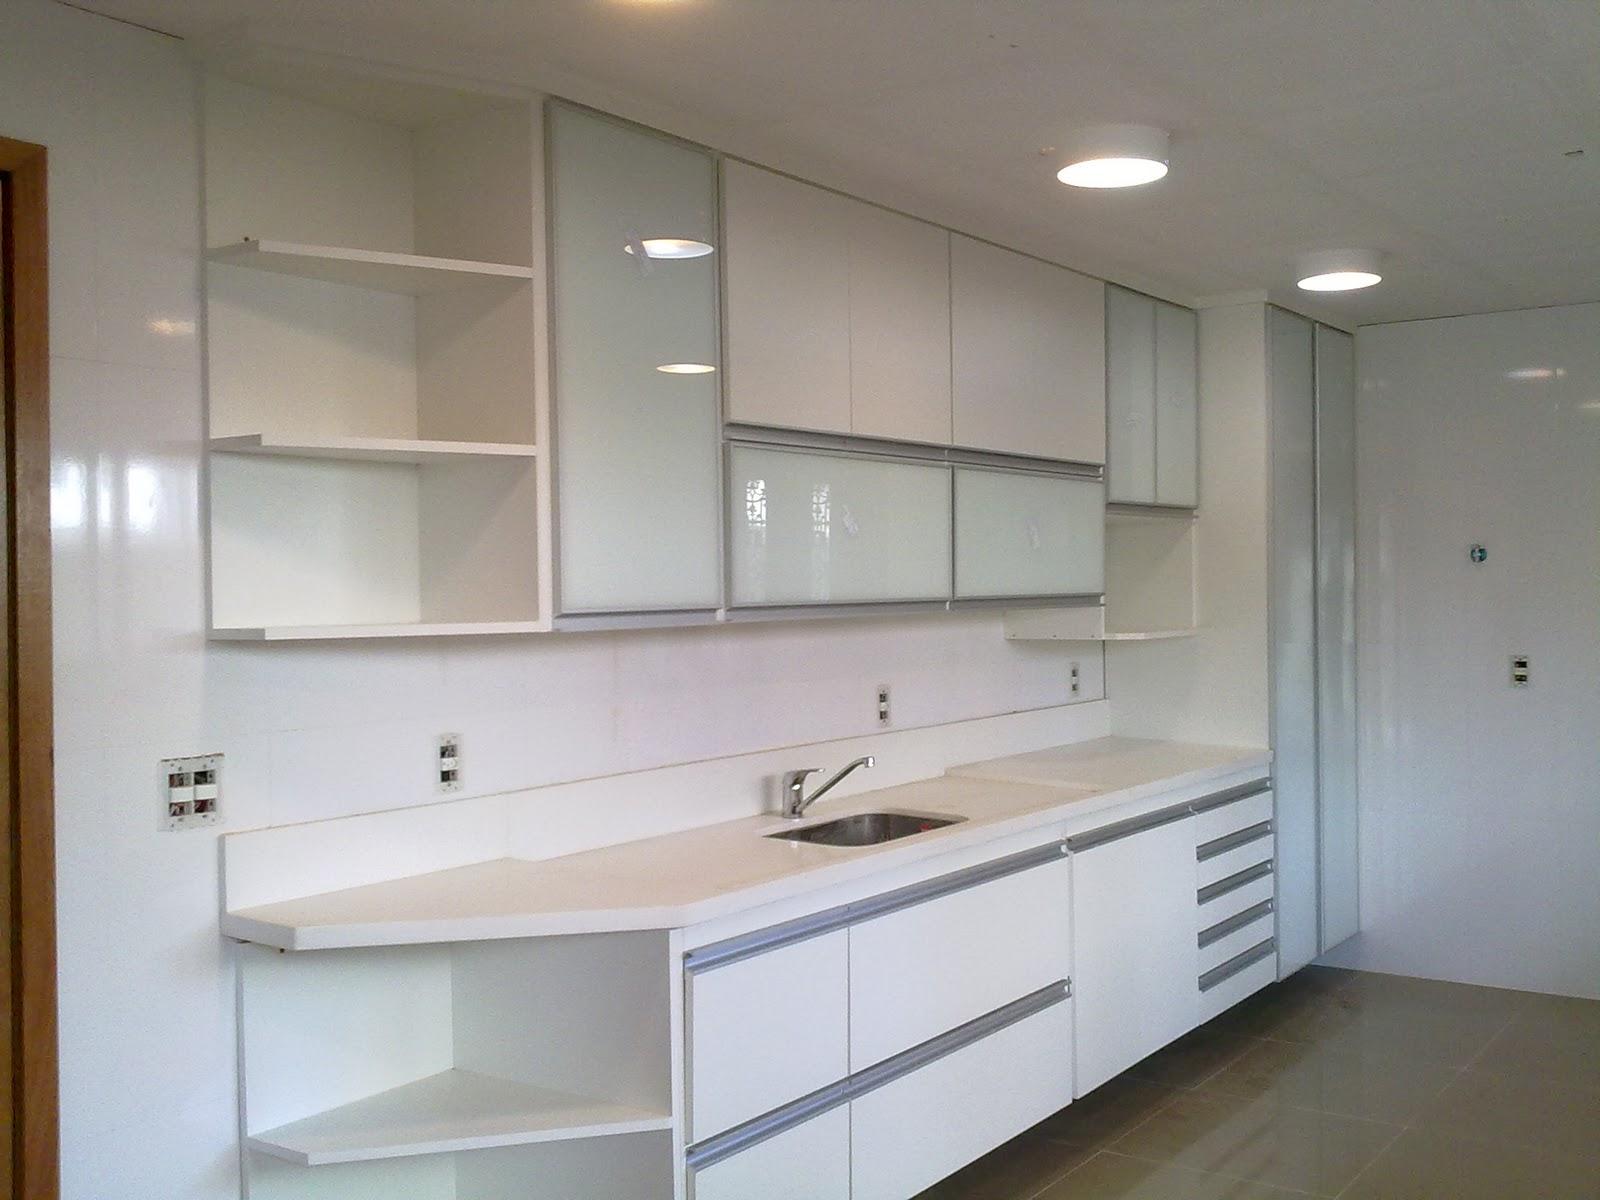 Armario De Cozinha Todo Branco : Wibamp armario cozinha vidro branco id?ias do